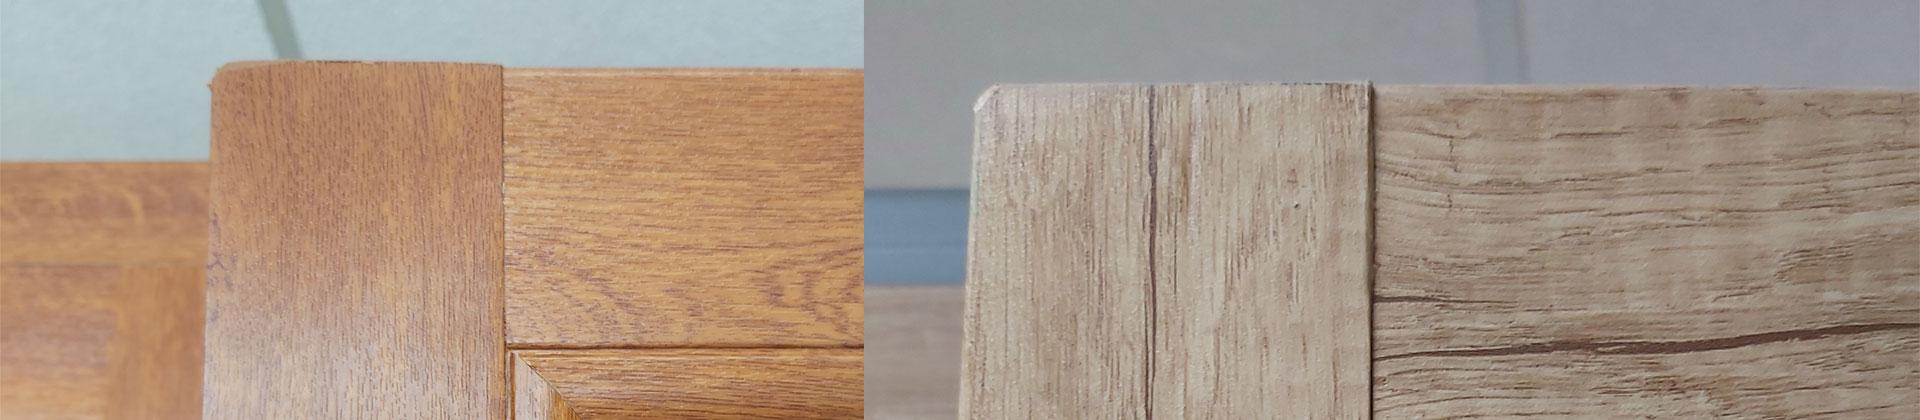 new-wood